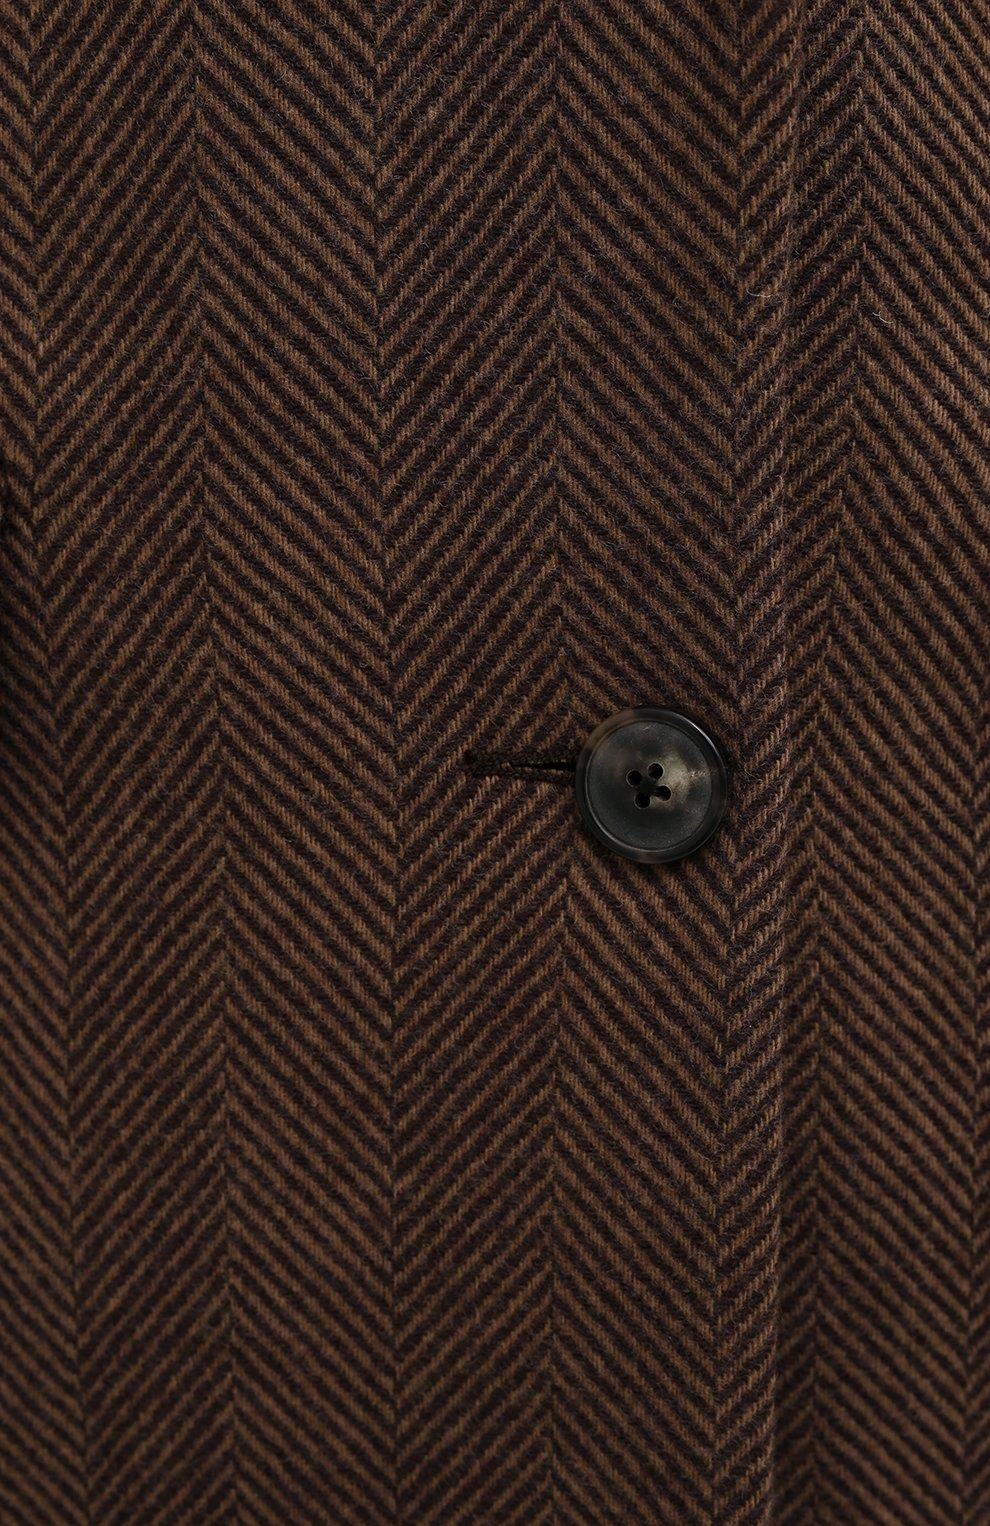 Женское шерстяное пальто DRIES VAN NOTEN коричневого цвета, арт. 202-10202-1035 | Фото 5